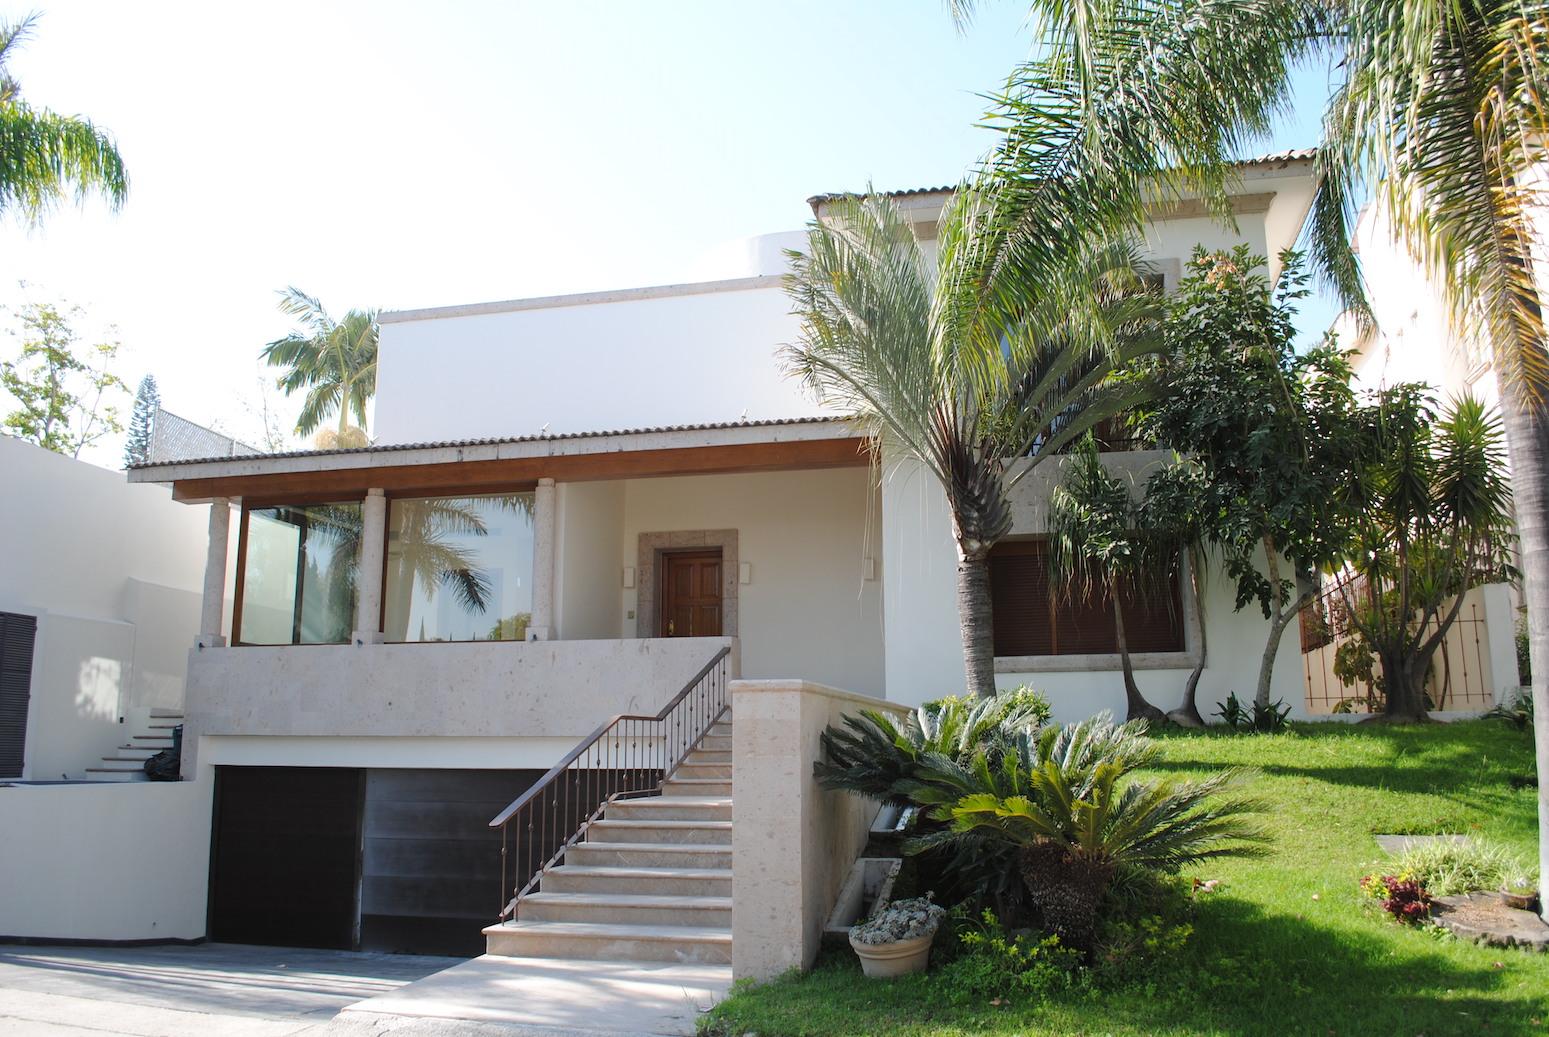 Residencia de Lujo en puerta de hierro Guadalajara